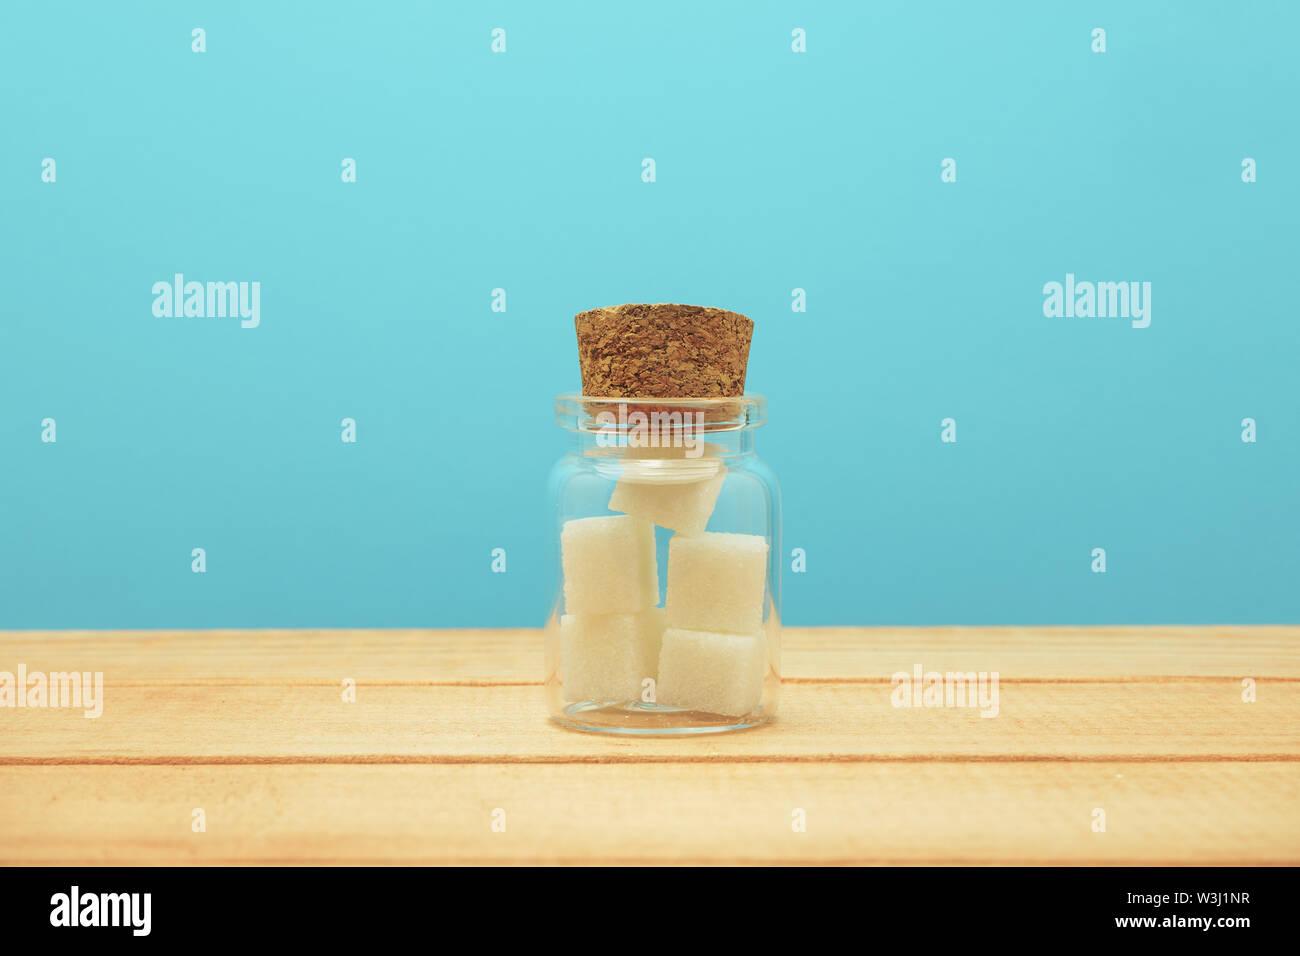 Petit verre bouteille pleine de cubes de sucre sur une table en bois beau fond bleu - mauvaise alimentation concept. Photo Stock